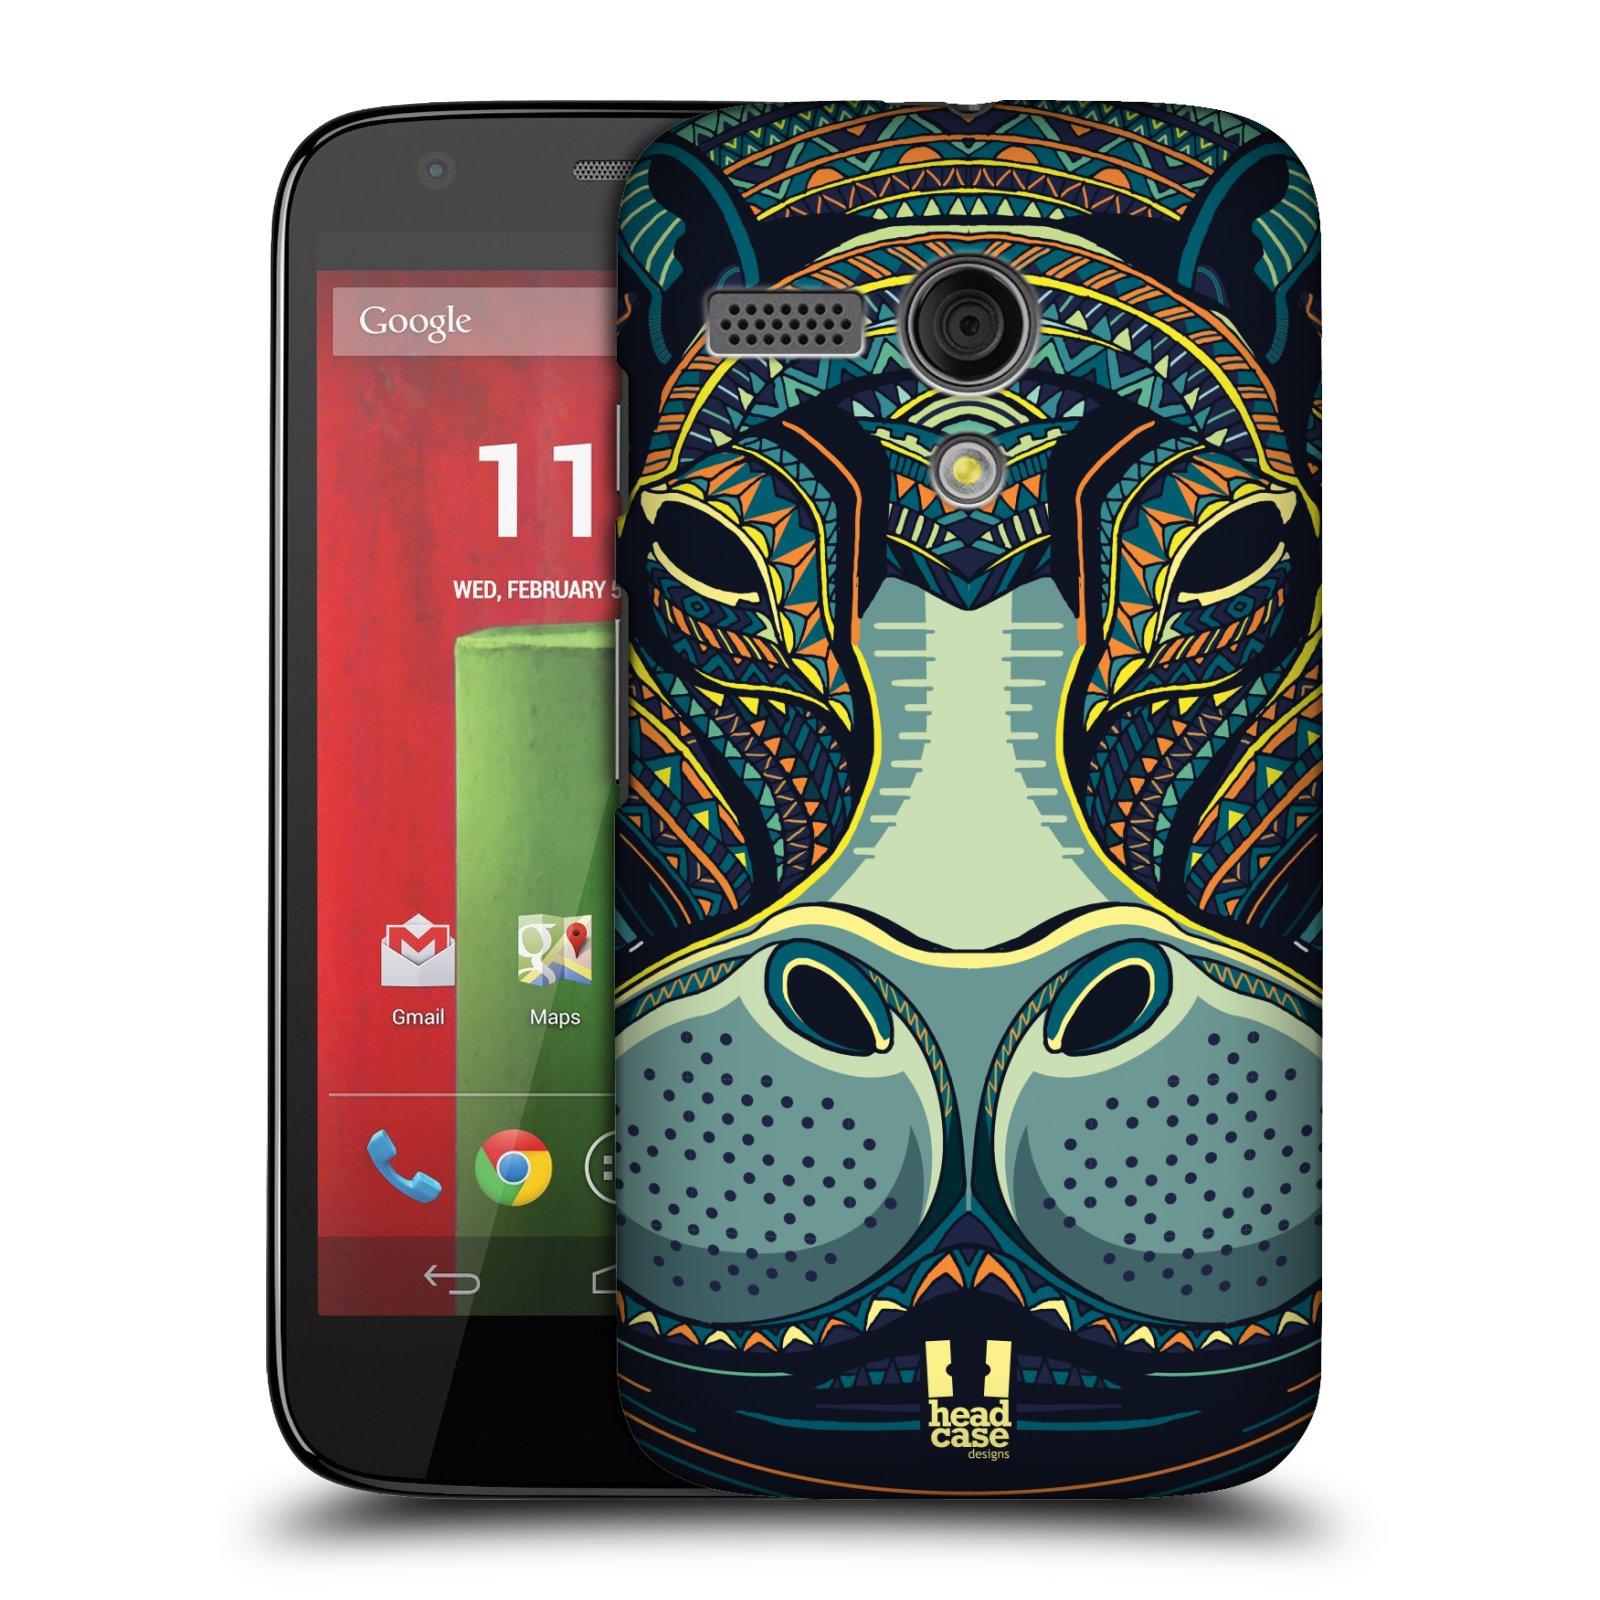 Plastové pouzdro na mobil Motorola Moto G HEAD CASE AZTEC HROCH (Kryt či obal na mobilní telefon Motorola Moto G)